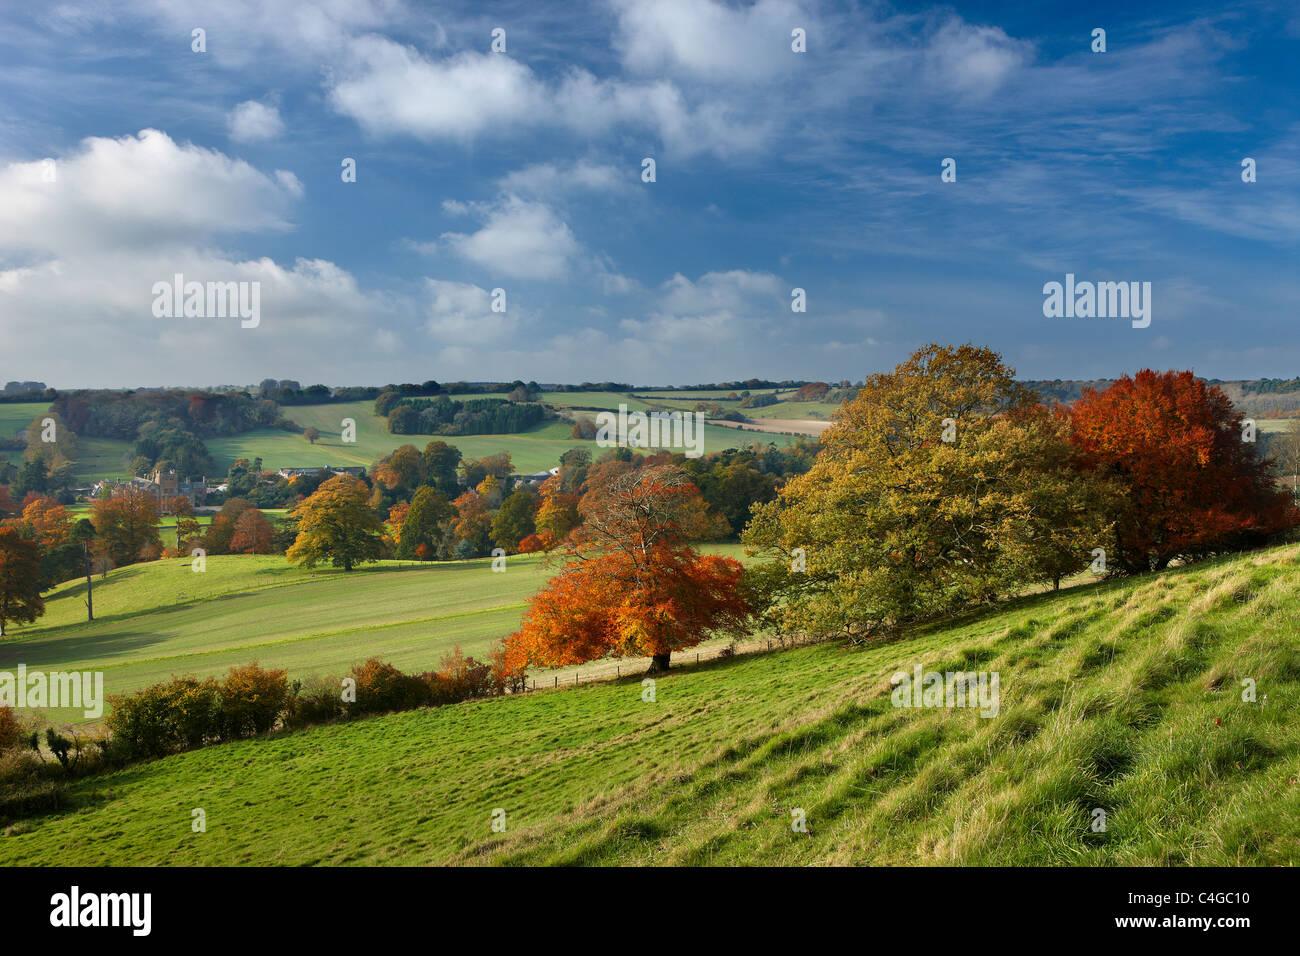 Minterne Magna, Dorset, England Stockbild